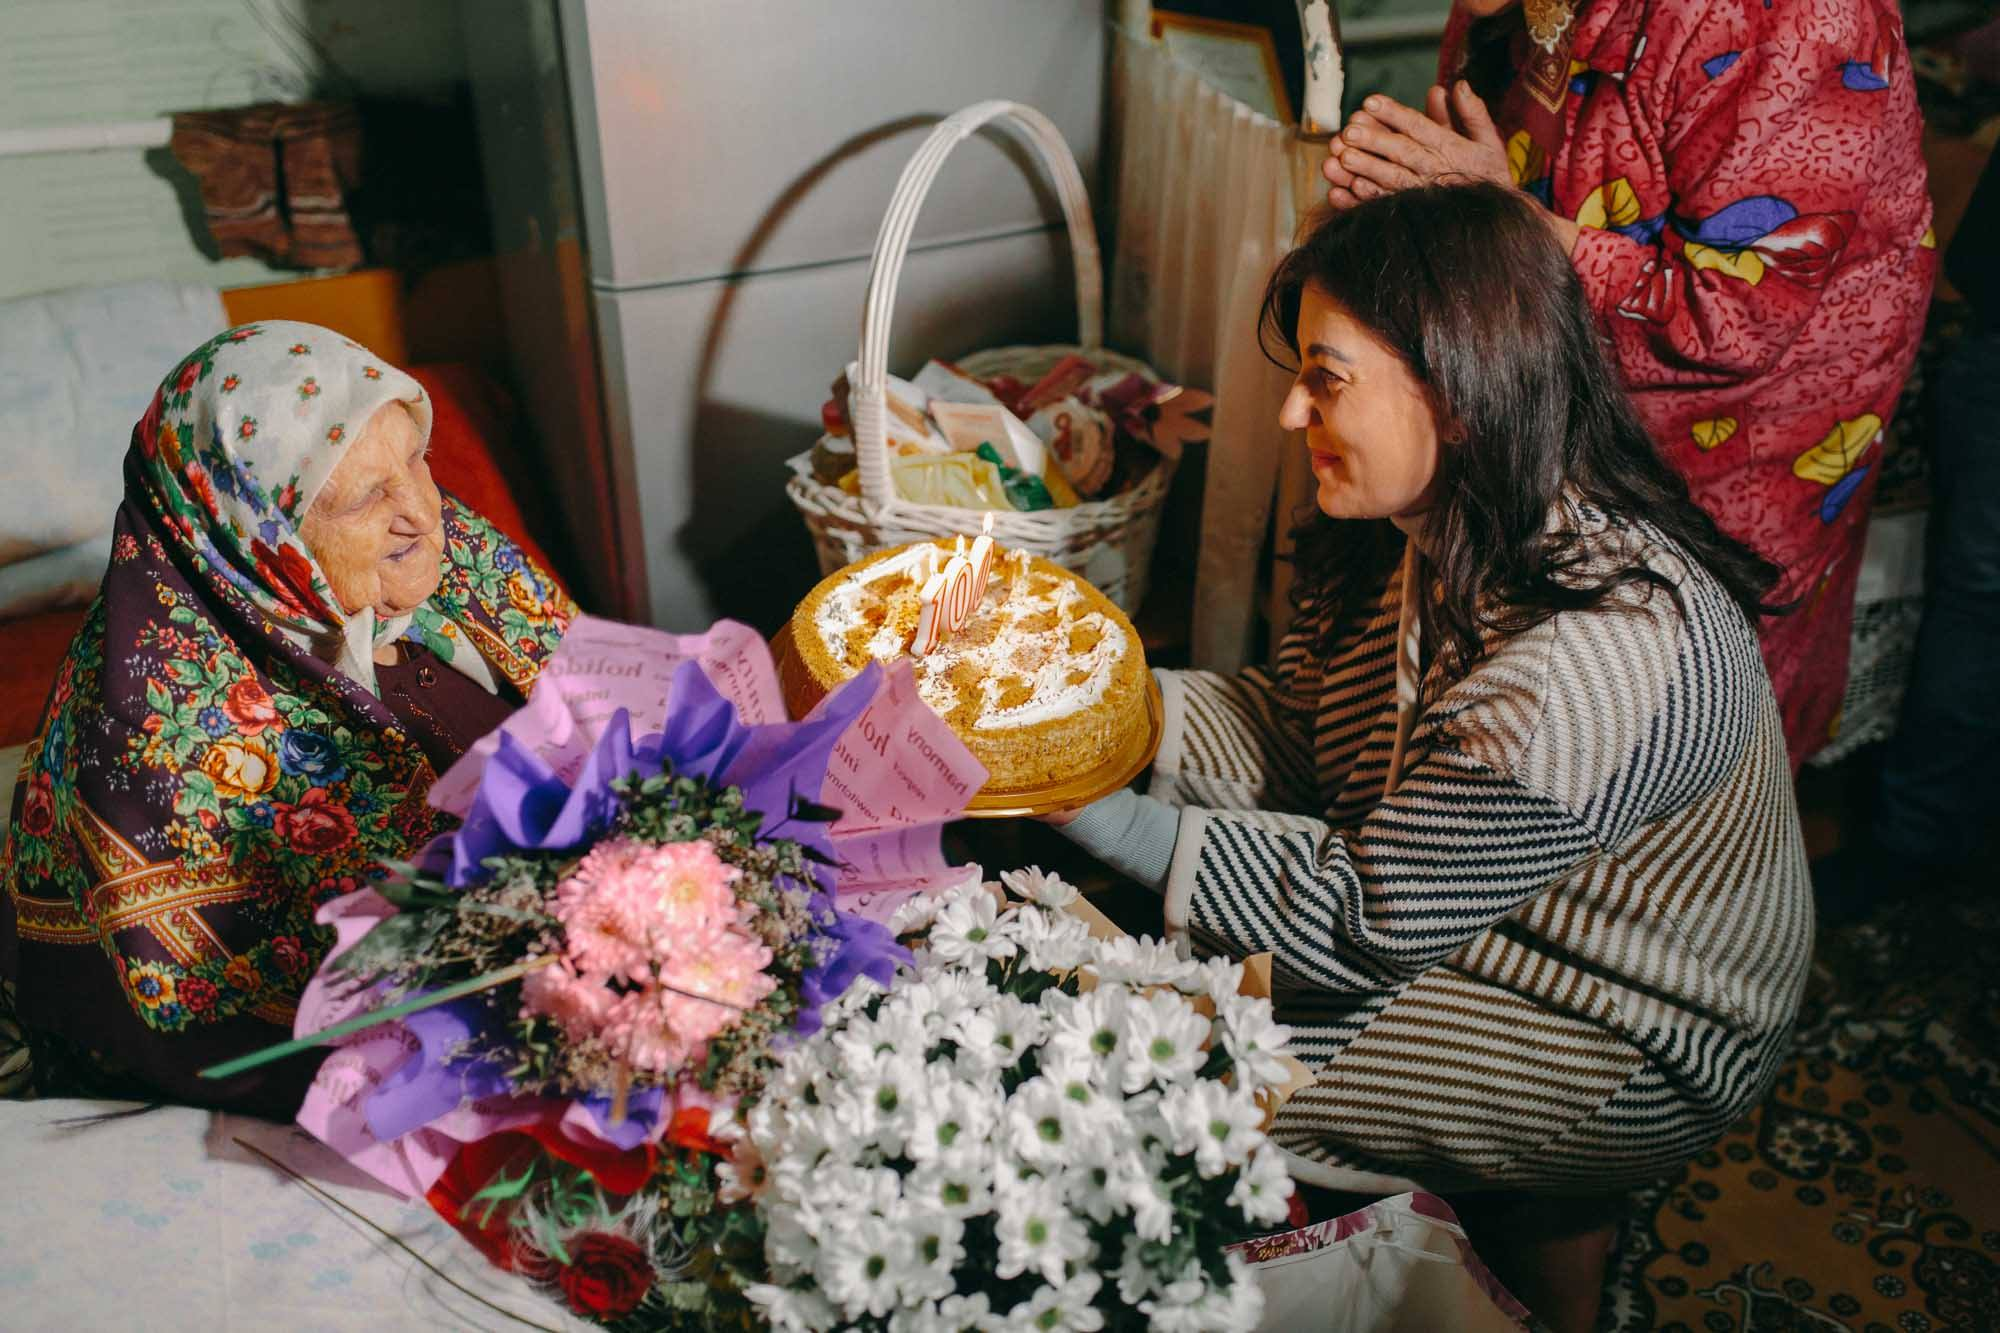 femeie 100 de ani moldova, fundatia edelweiss, plahotniuc ajuta moldova, nu plaha, stat capturat, guvernul filip, fundatie de caritate, cea mai in varsta femeie din Moldova, cel mai batran om din Moldova,